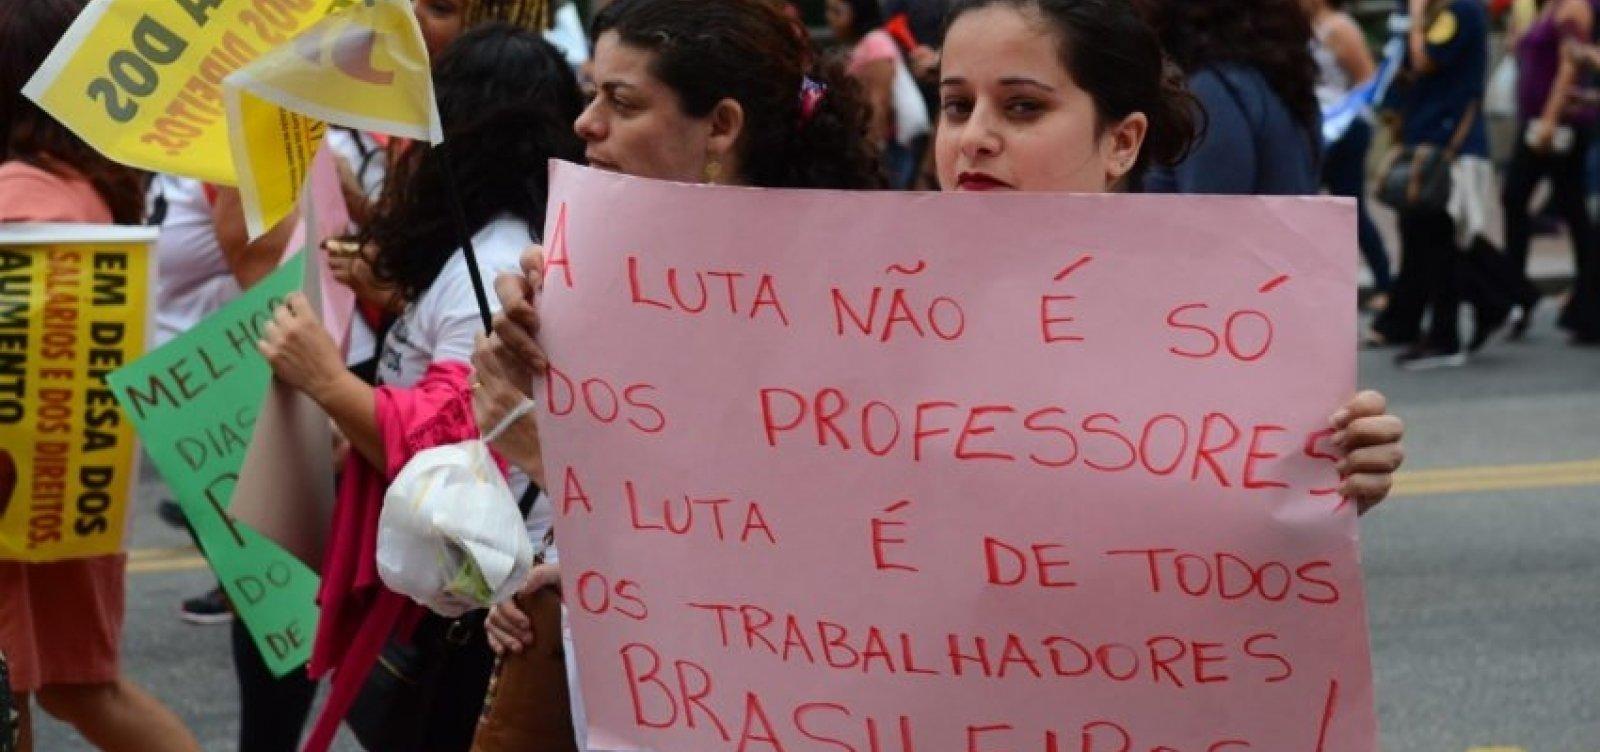 [Brasil cai para último lugar no ranking de status do professor]